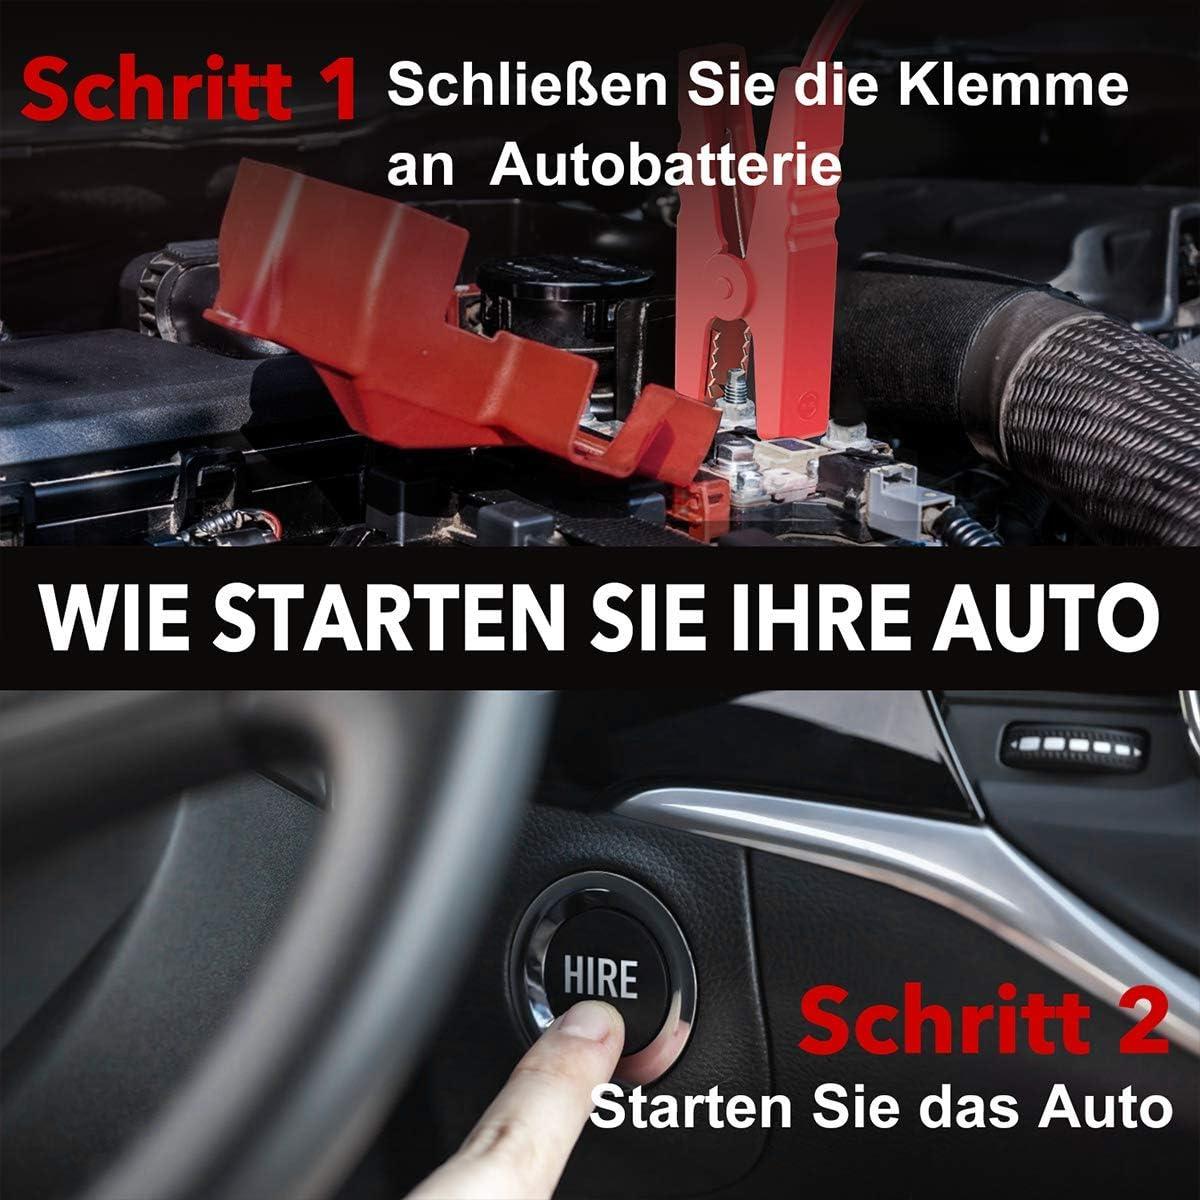 BuTure Starthilfe Powerbank,2500A 23800mAh 88.06Wh Auto Starthilfe mit 10W Wireless Charger,f/ür bis zu Alle-Benzin und 8-Liter-Dieselmotoren